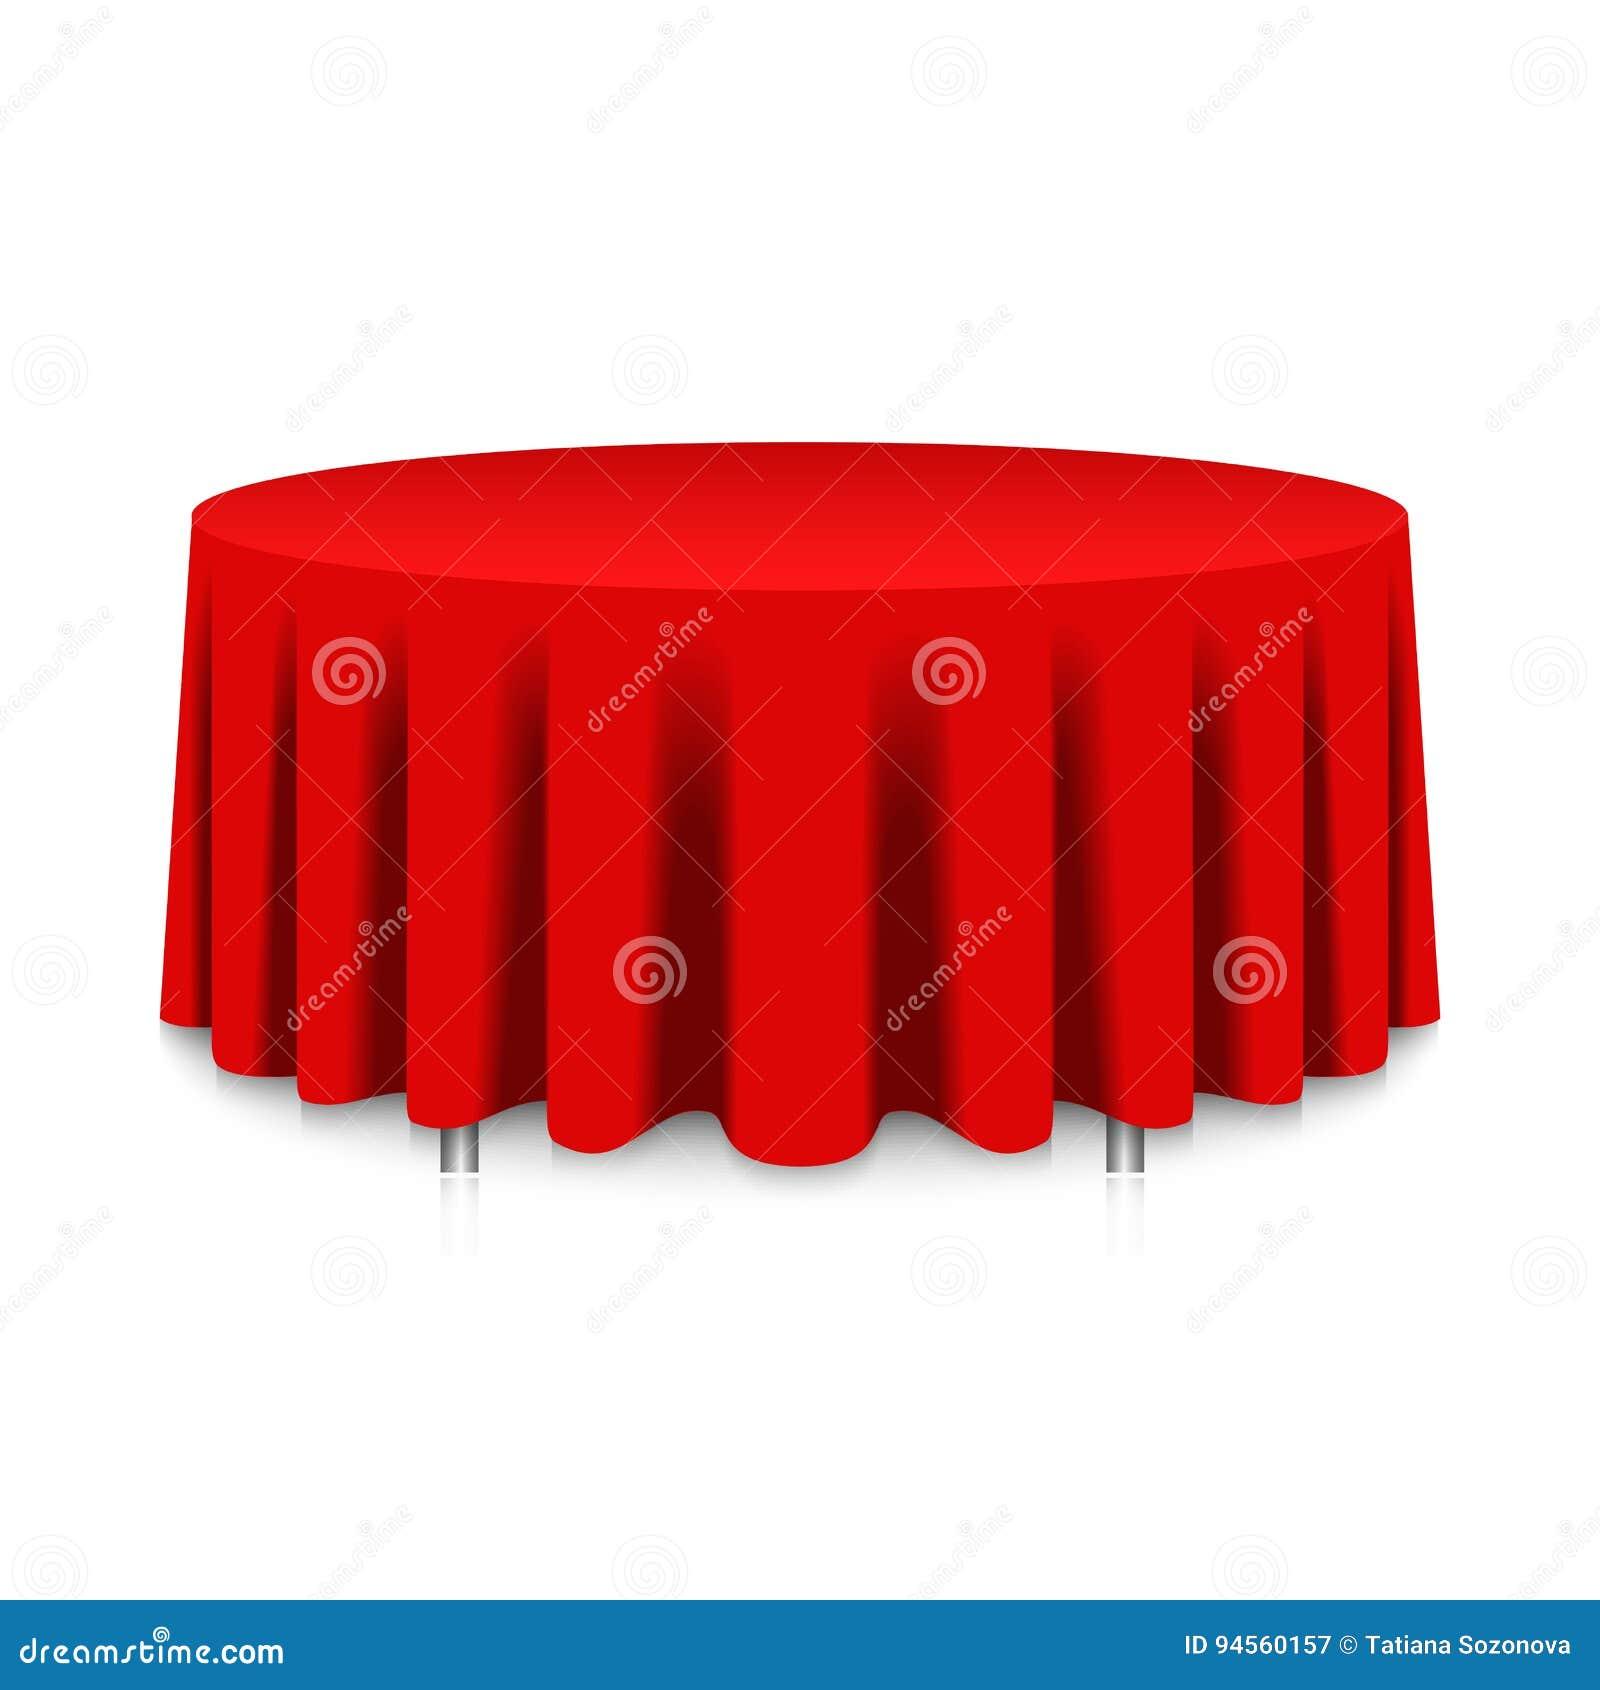 Tabelle mit roter Tischdecke